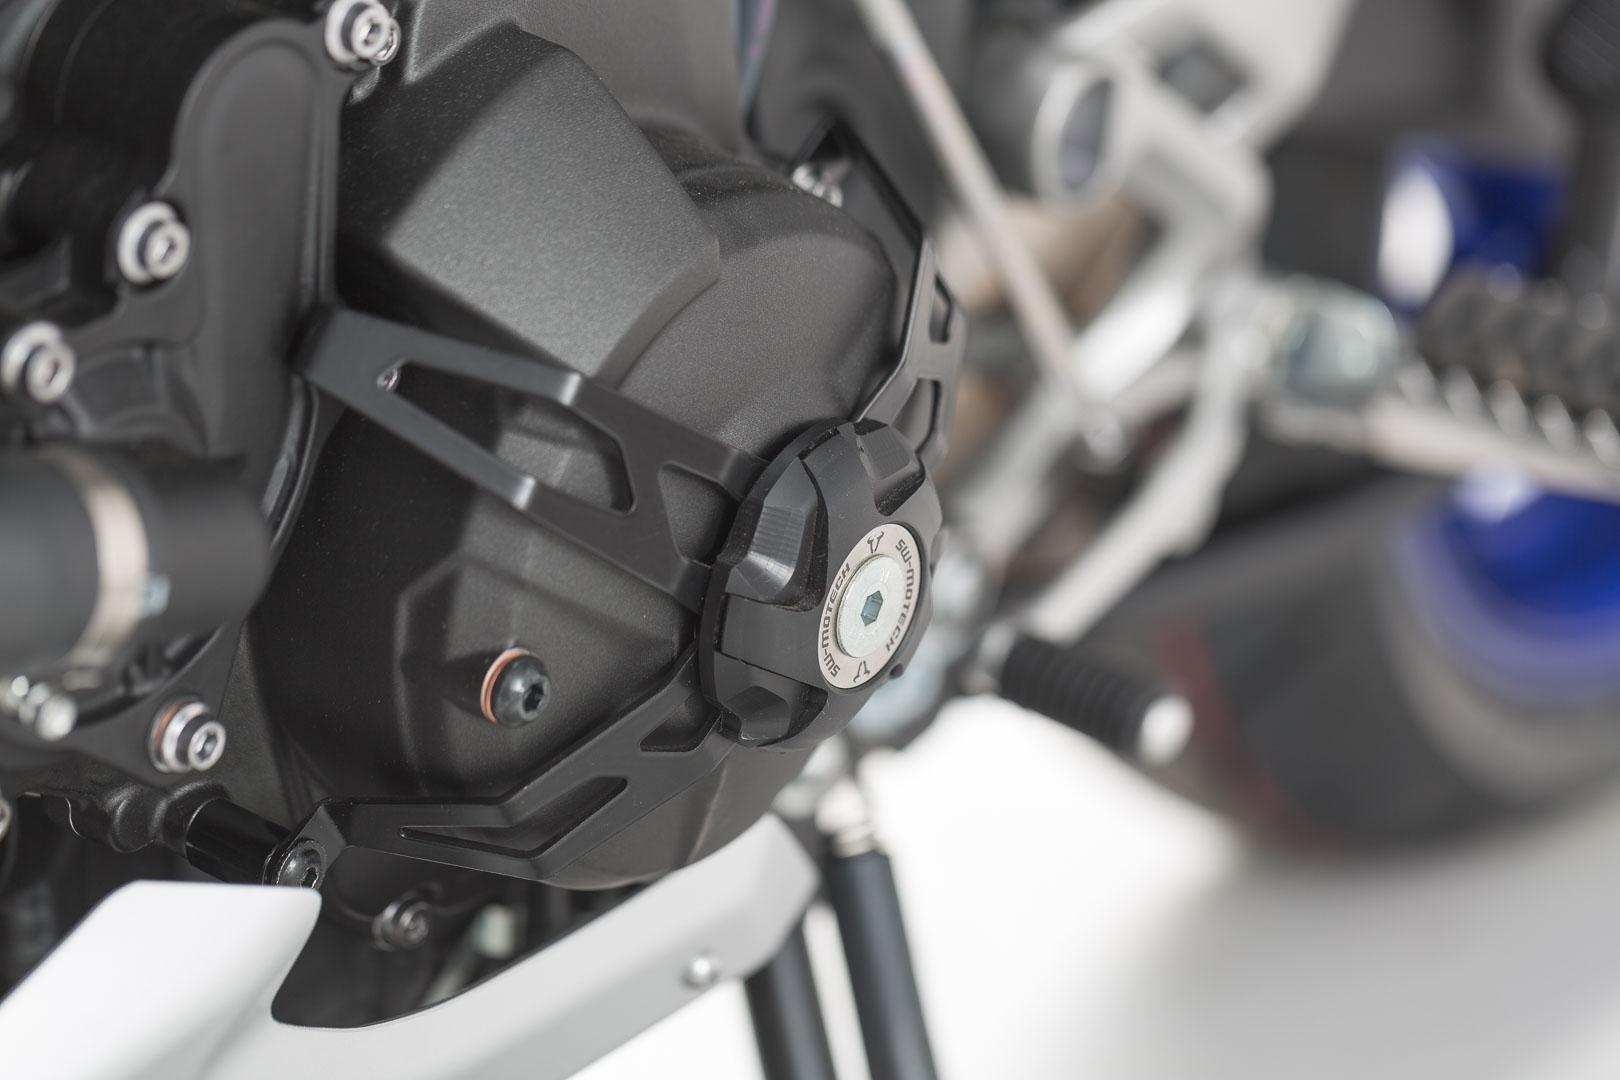 Yamaha XSR900 MT 09 Tracer Stp 06 449 10000 B Lichtmaschinendeckel Schutz Schwarz 13 XSR 900 16